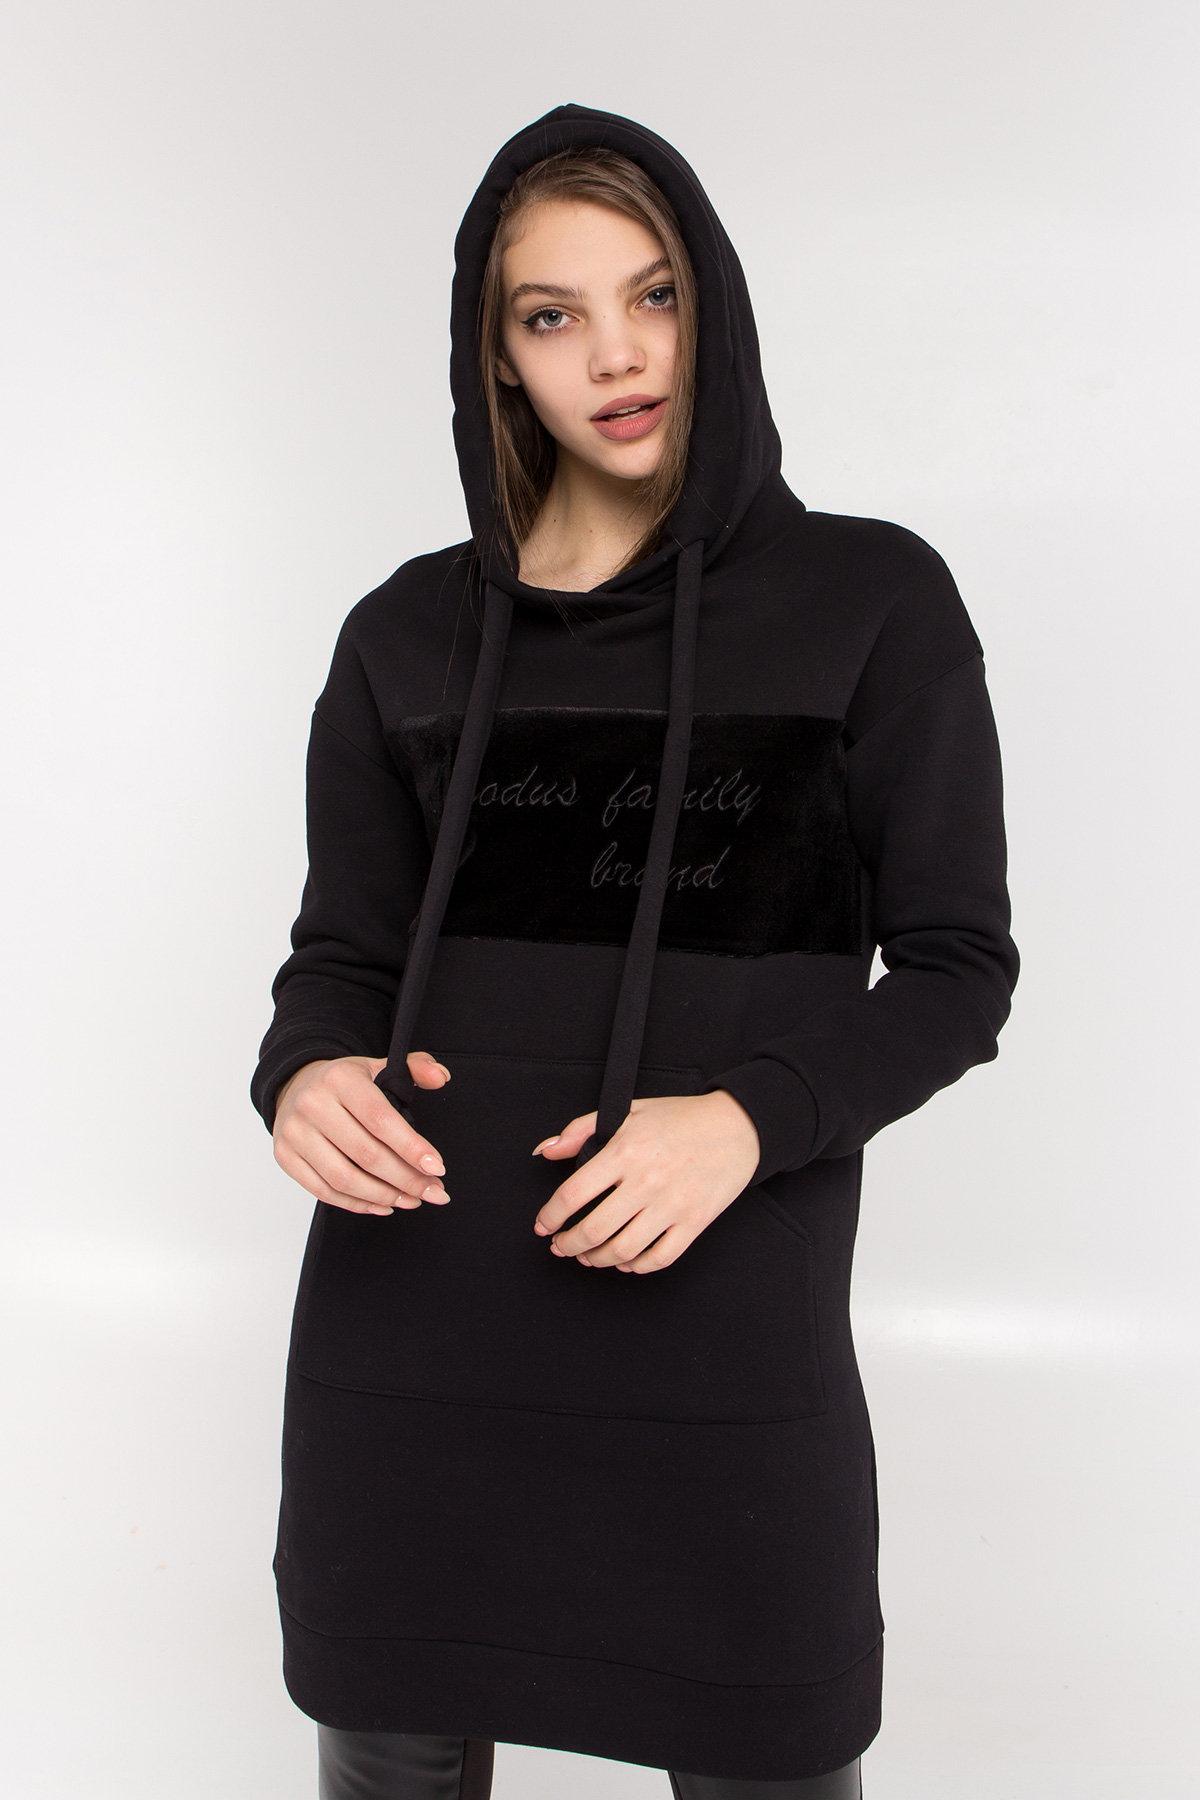 Платье худи Томми 8703 АРТ. 45099 Цвет: Черный/черный - фото 3, интернет магазин tm-modus.ru